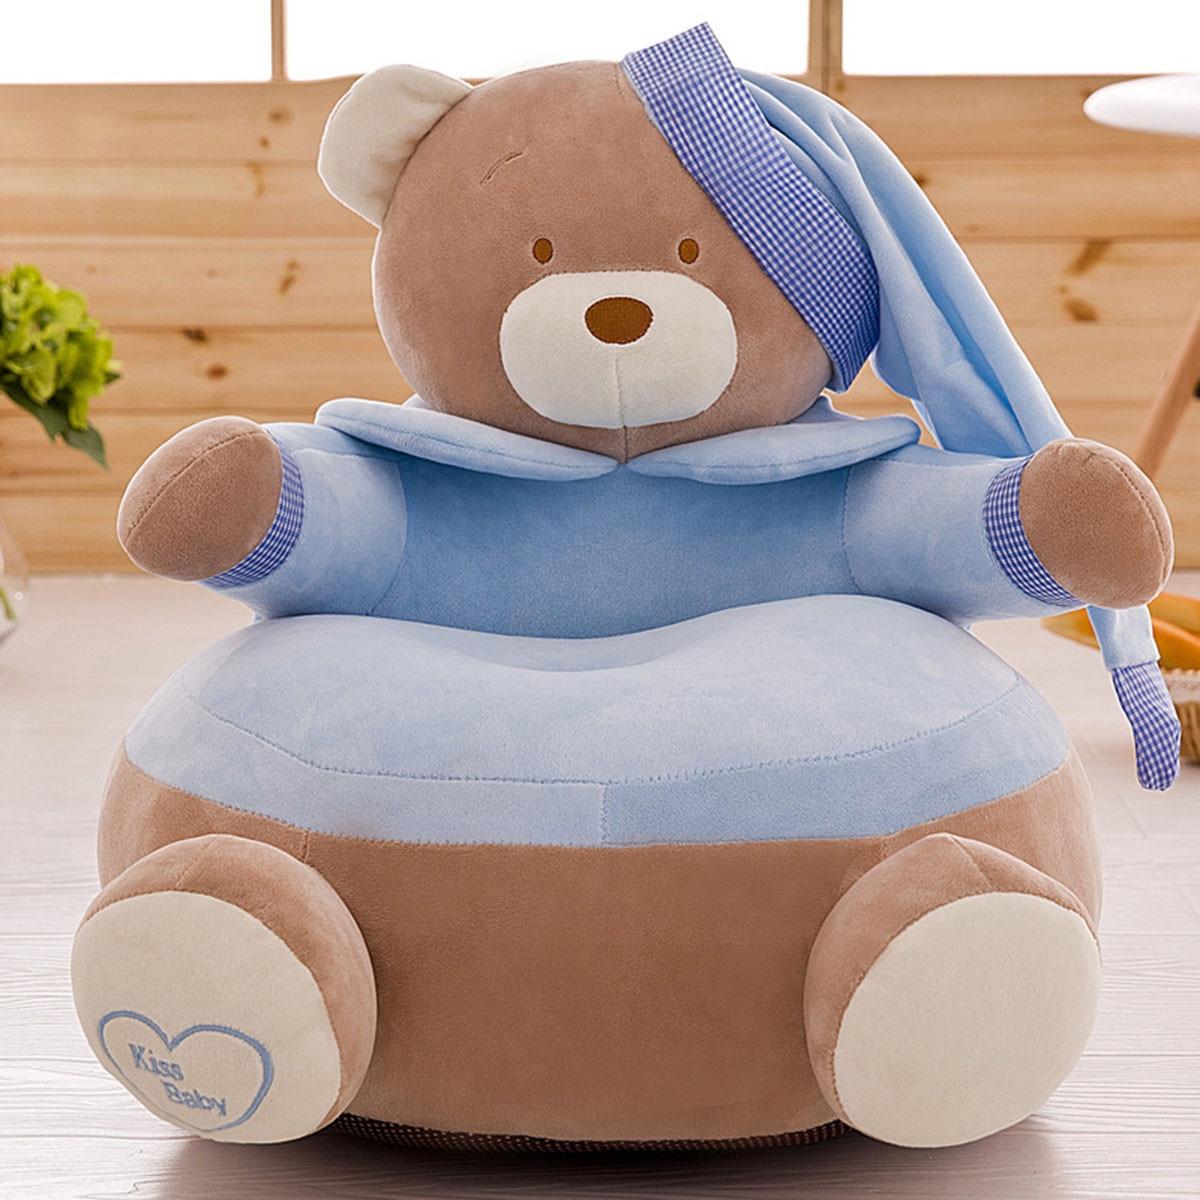 Infant Baby Sitze Haut Weiche Sofa Plüsch Kinder Sitzsack Stuhl Komfort Plüsch Cartoon Bär Stühle Waschbar Nur Abdeckung KEINE füllung